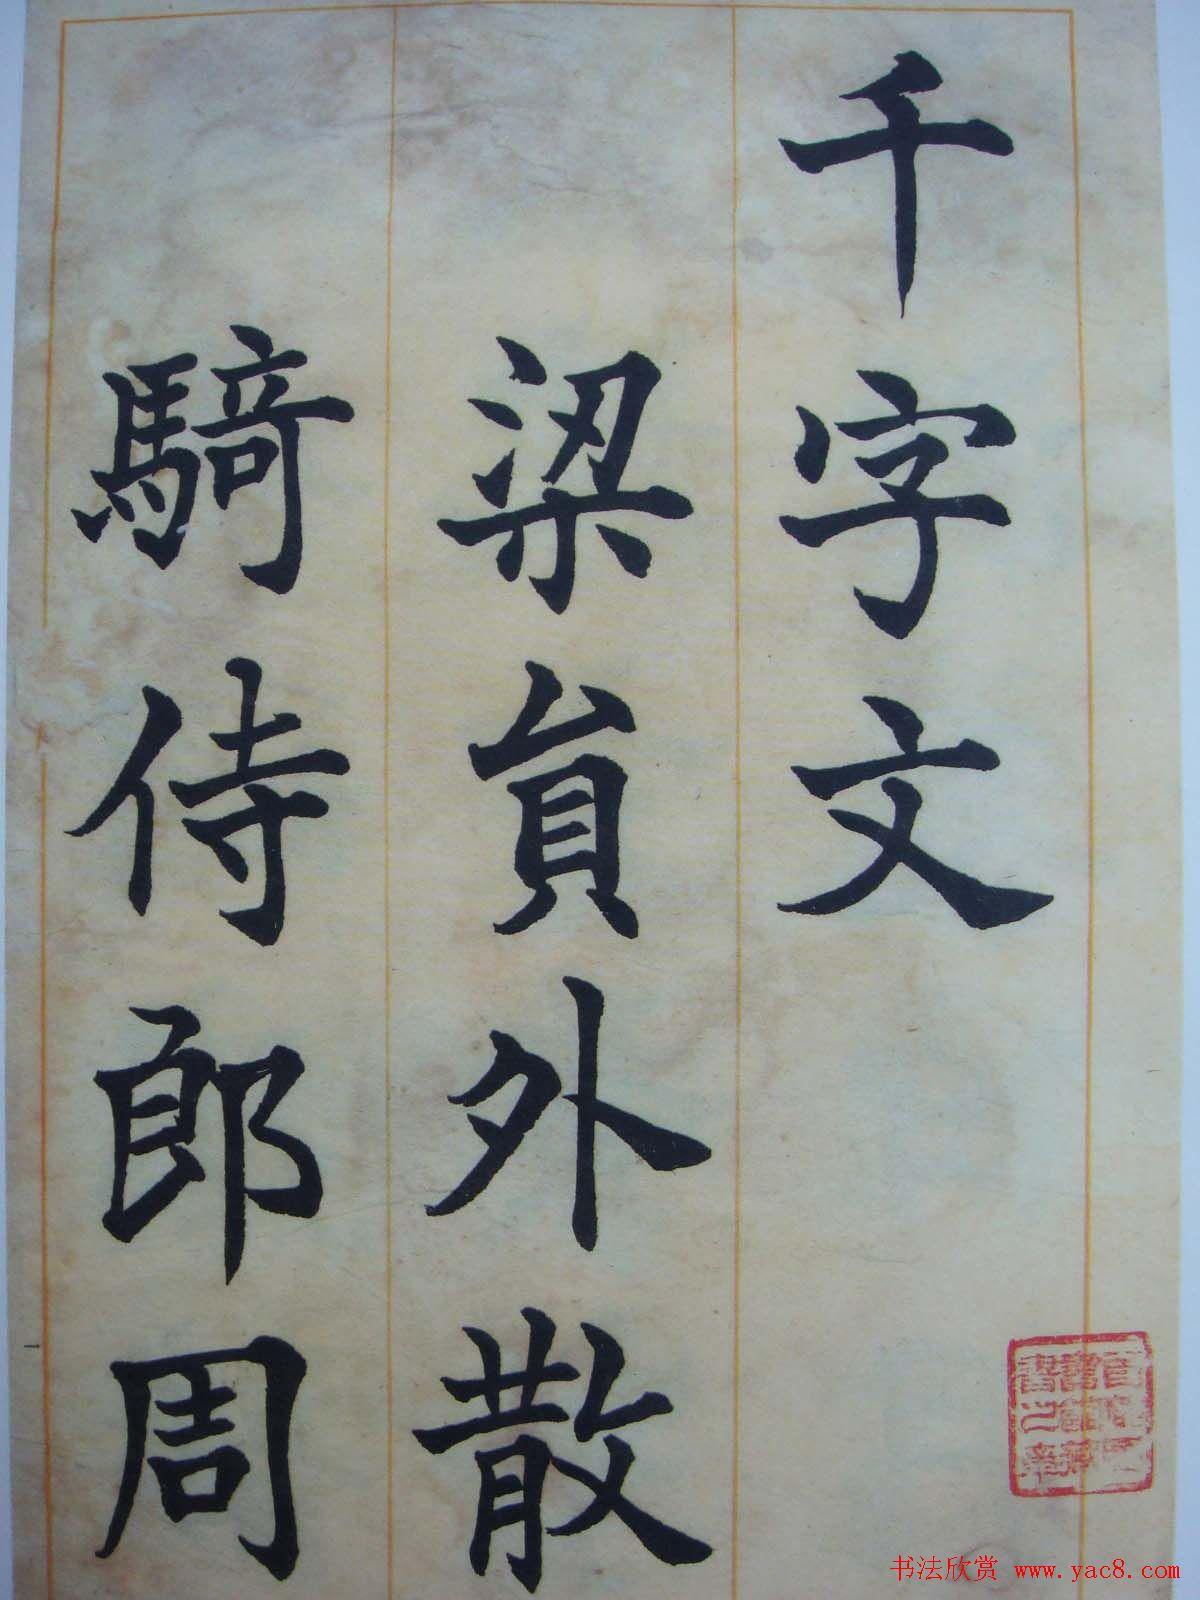 日本书法家辻本史邑楷书欣赏《千字文》